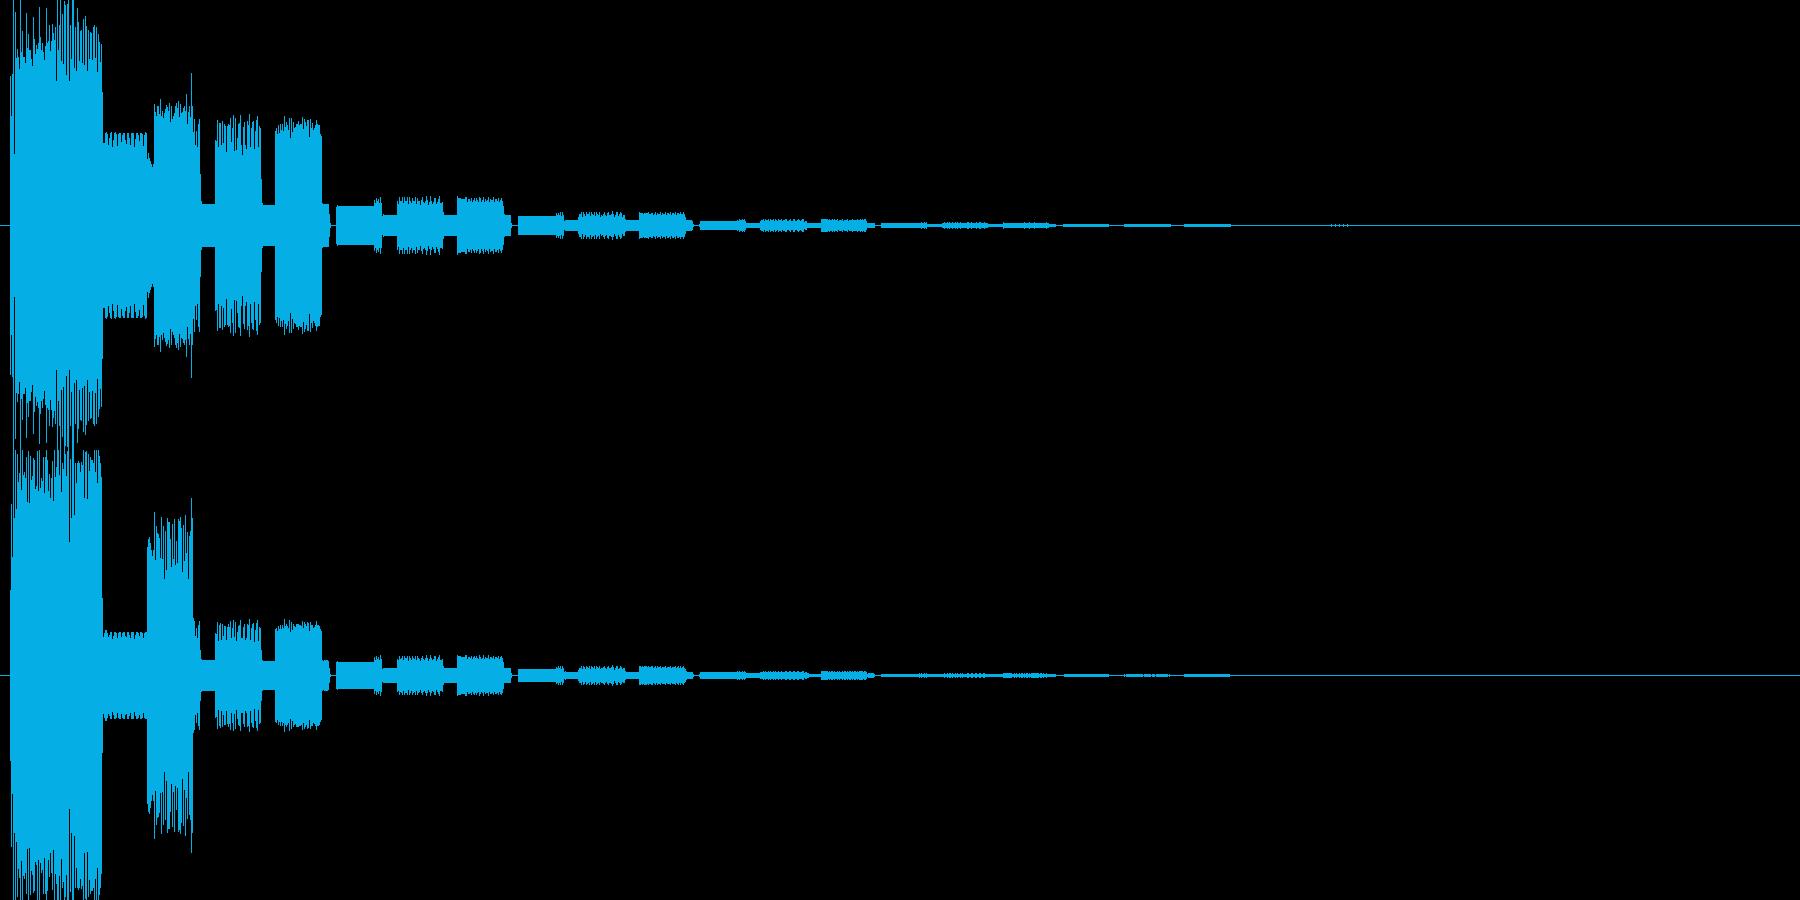 ピコンファミコン系クリックスタート音の再生済みの波形